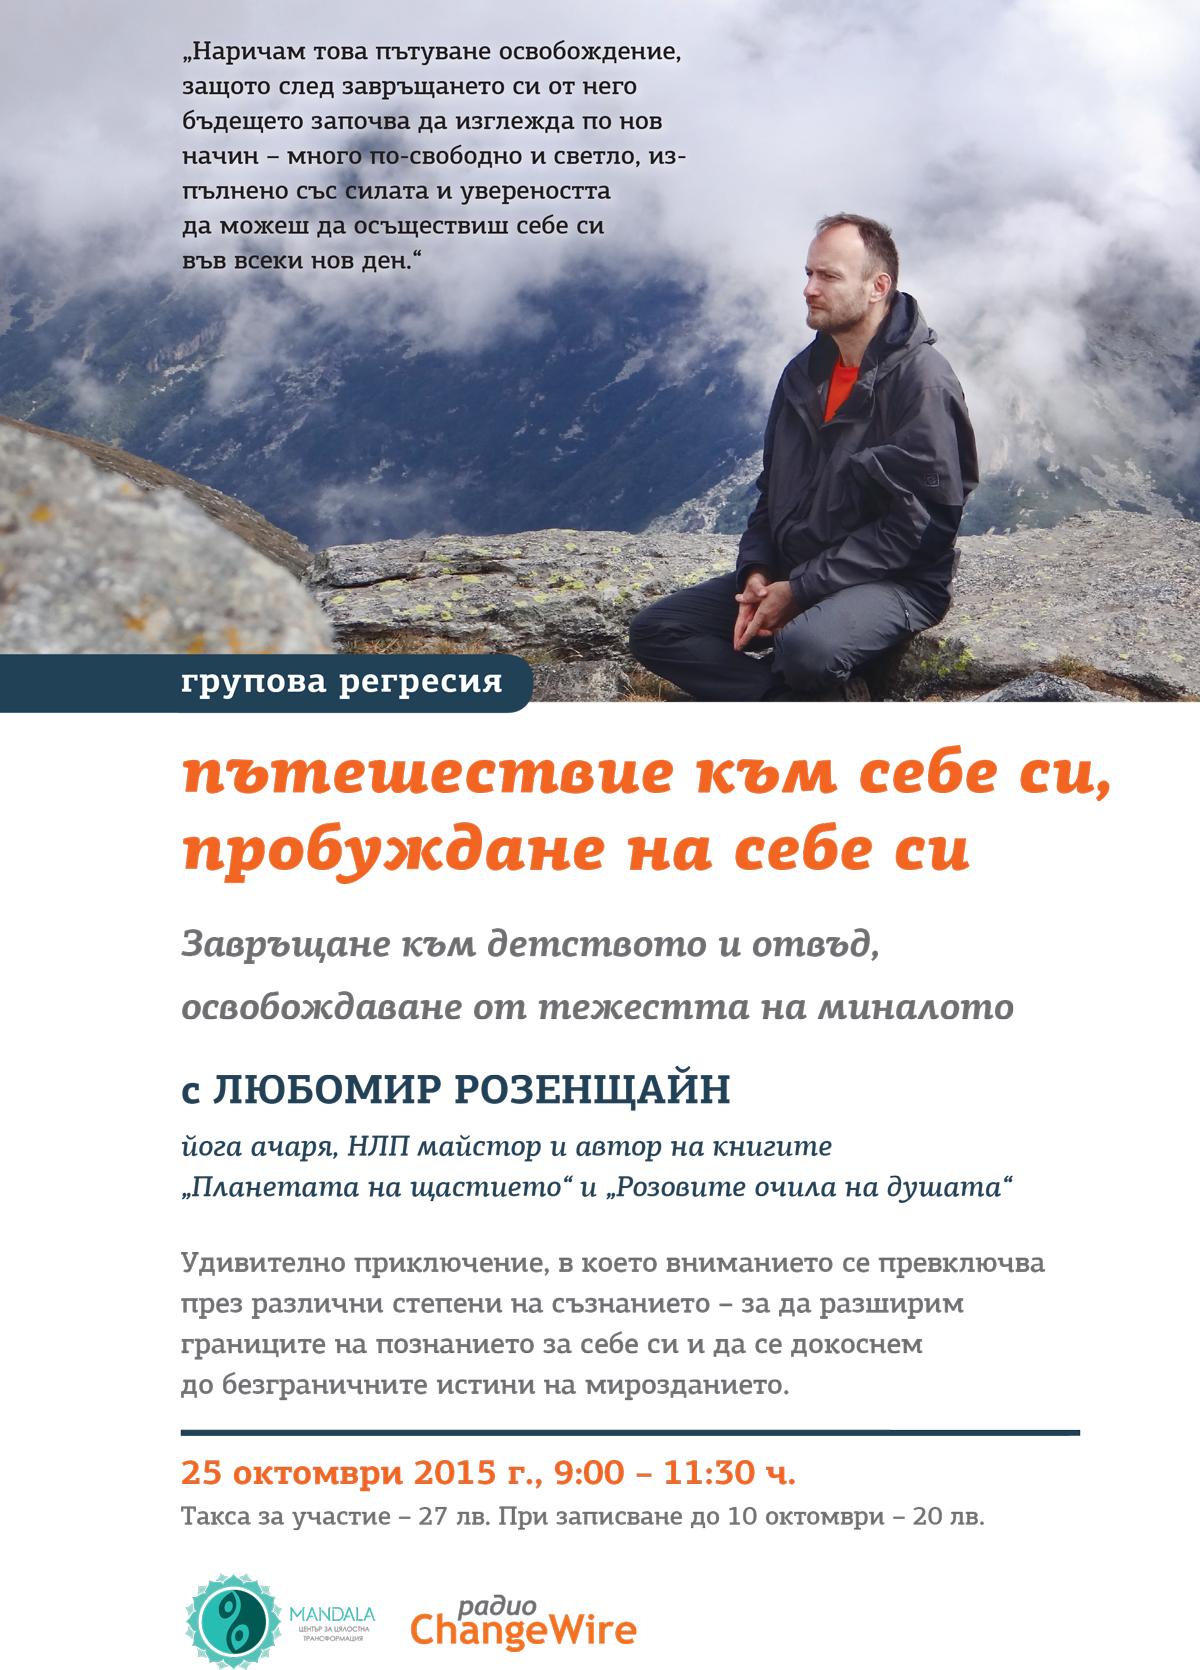 Регресия д Любомир Розенщайн